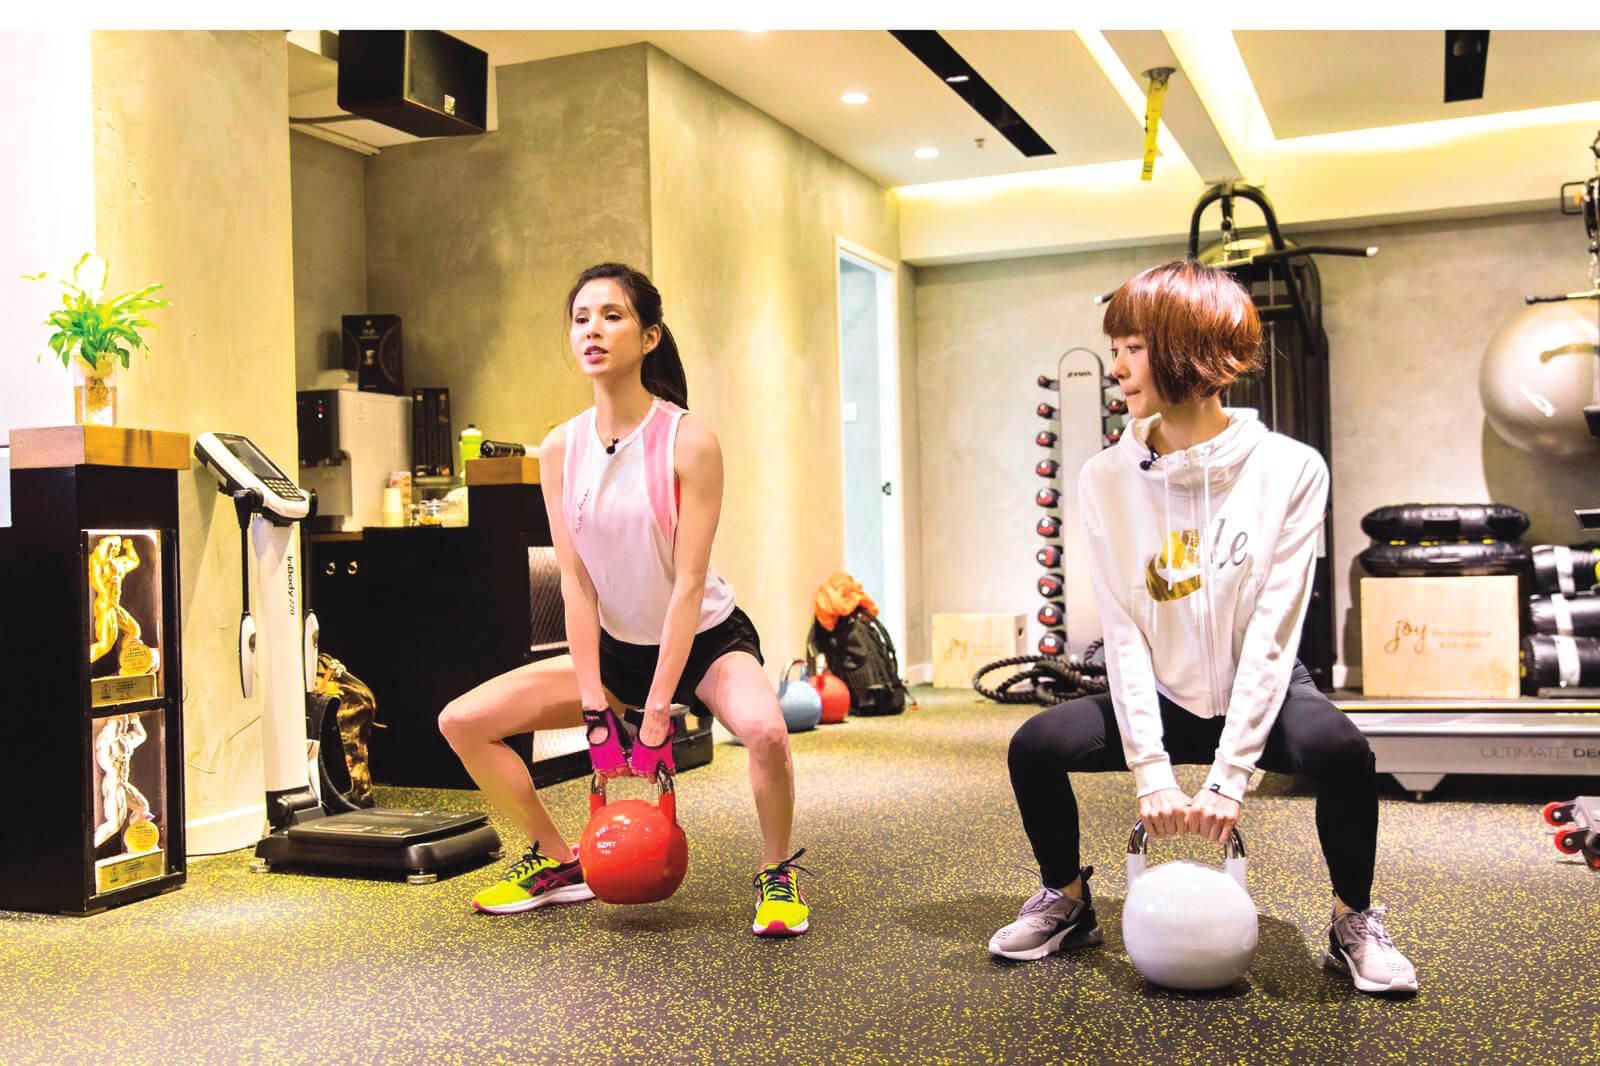 迷上健身已二十年,李若彤會追看YouTube健身短片自學。